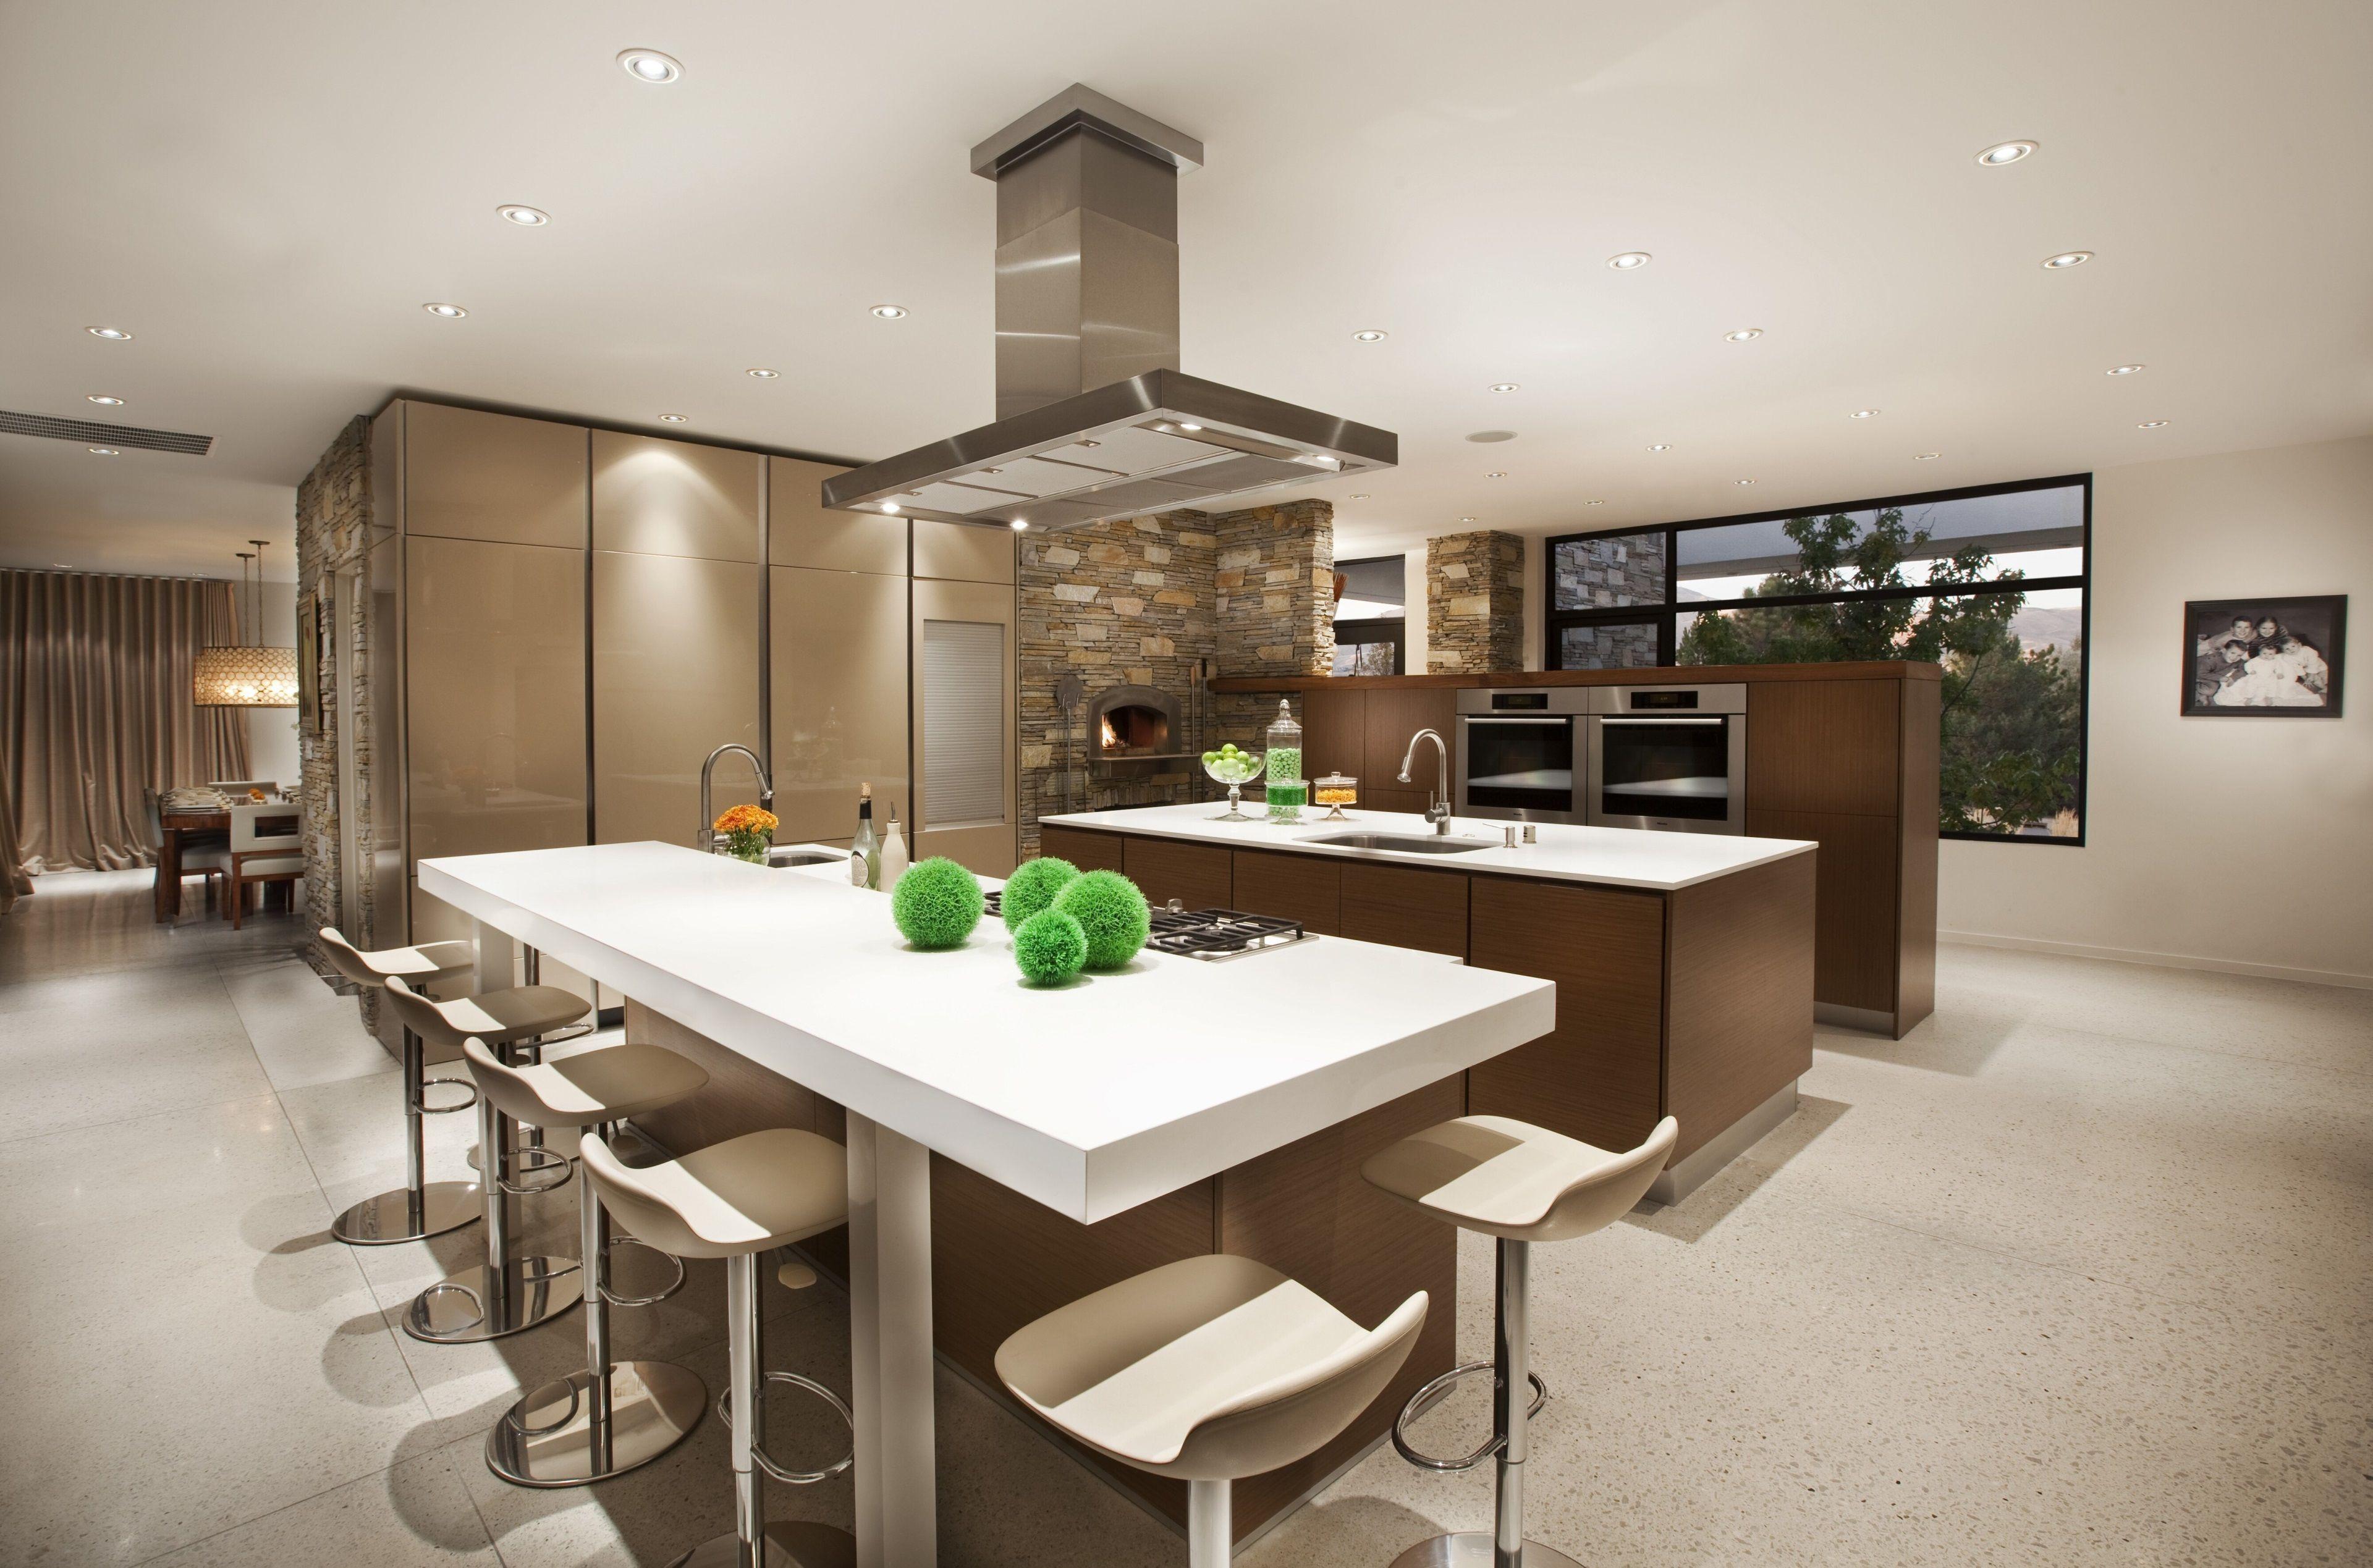 3840x2538 Kitchen 4k New Hd Wallpaper Download